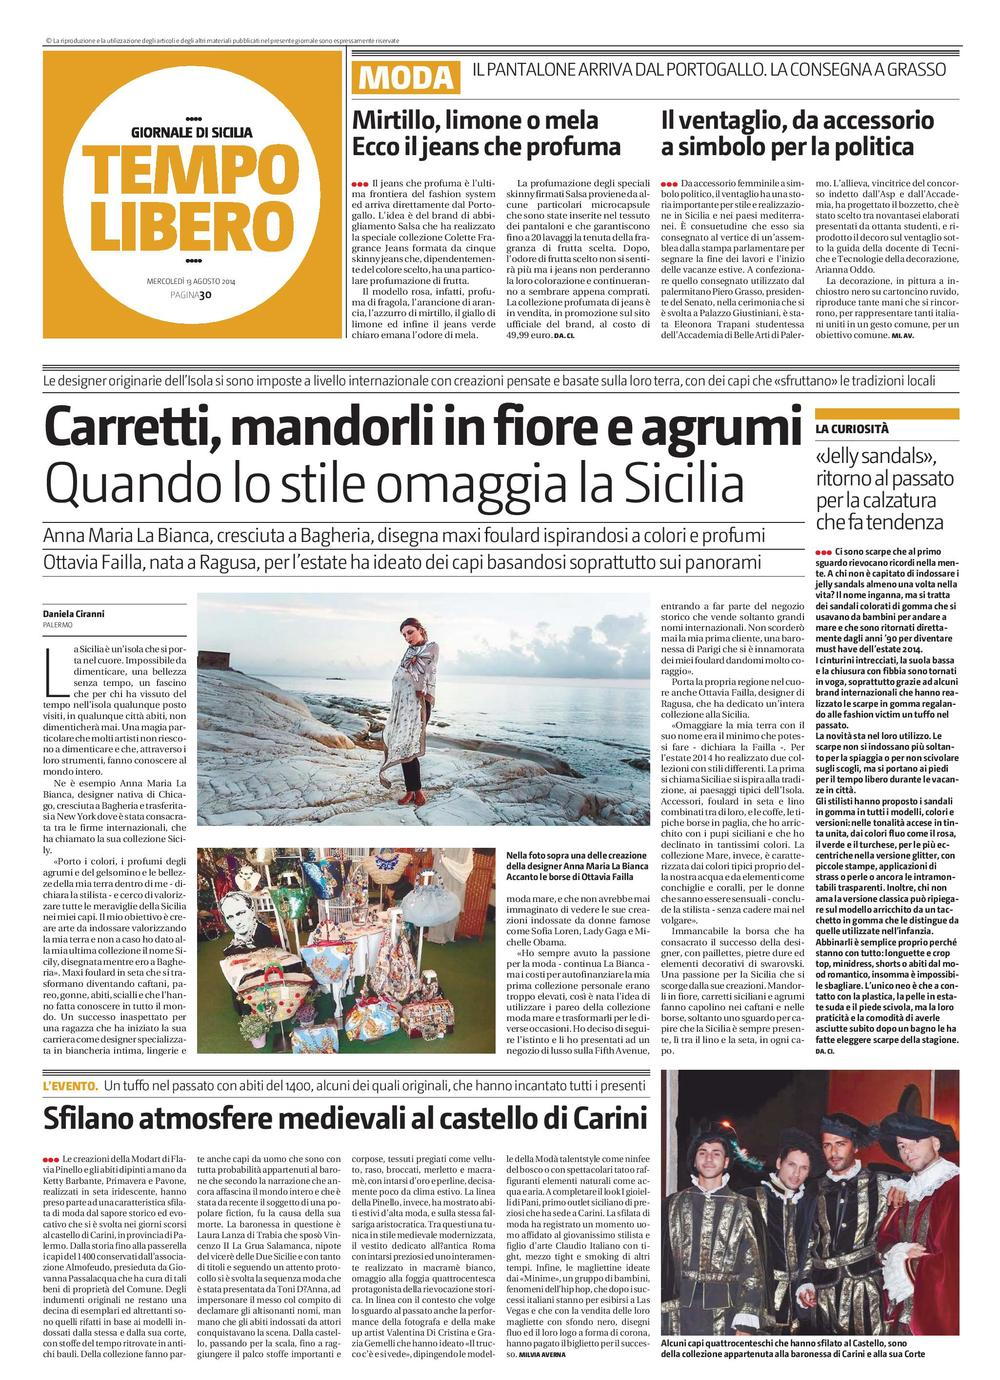 August 13 2014 Giornale Di Sicilia by Daniela Ciranni.jpg